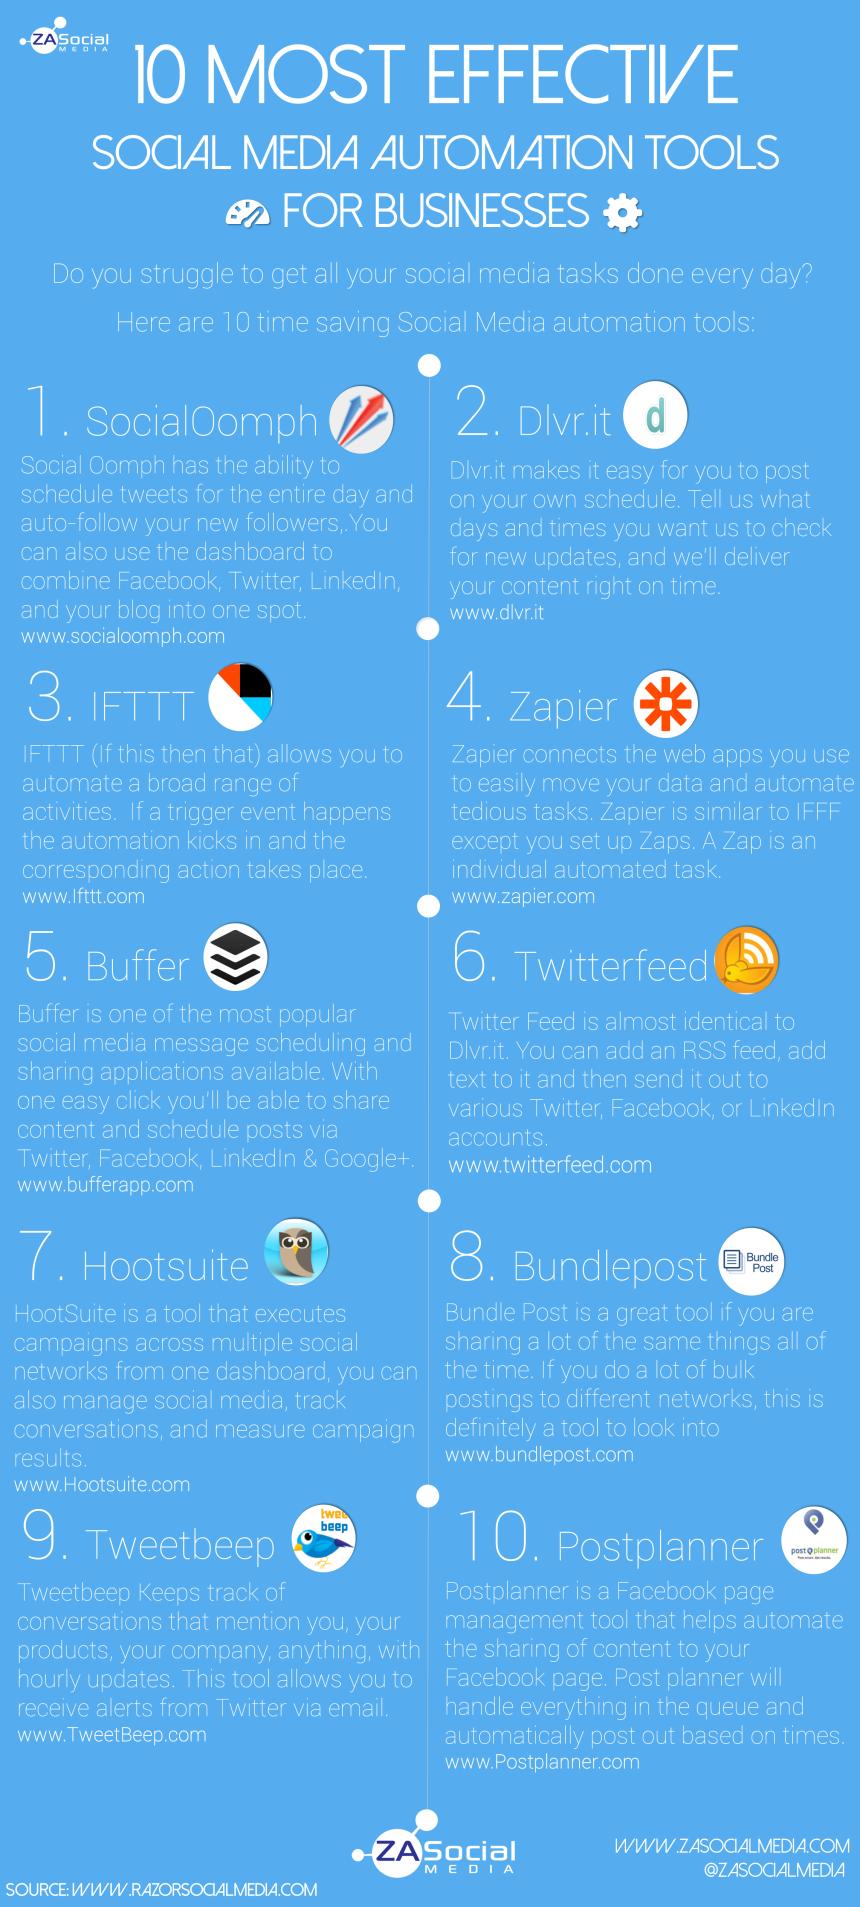 10 herramientas efectivas para automatizar Redes Sociales